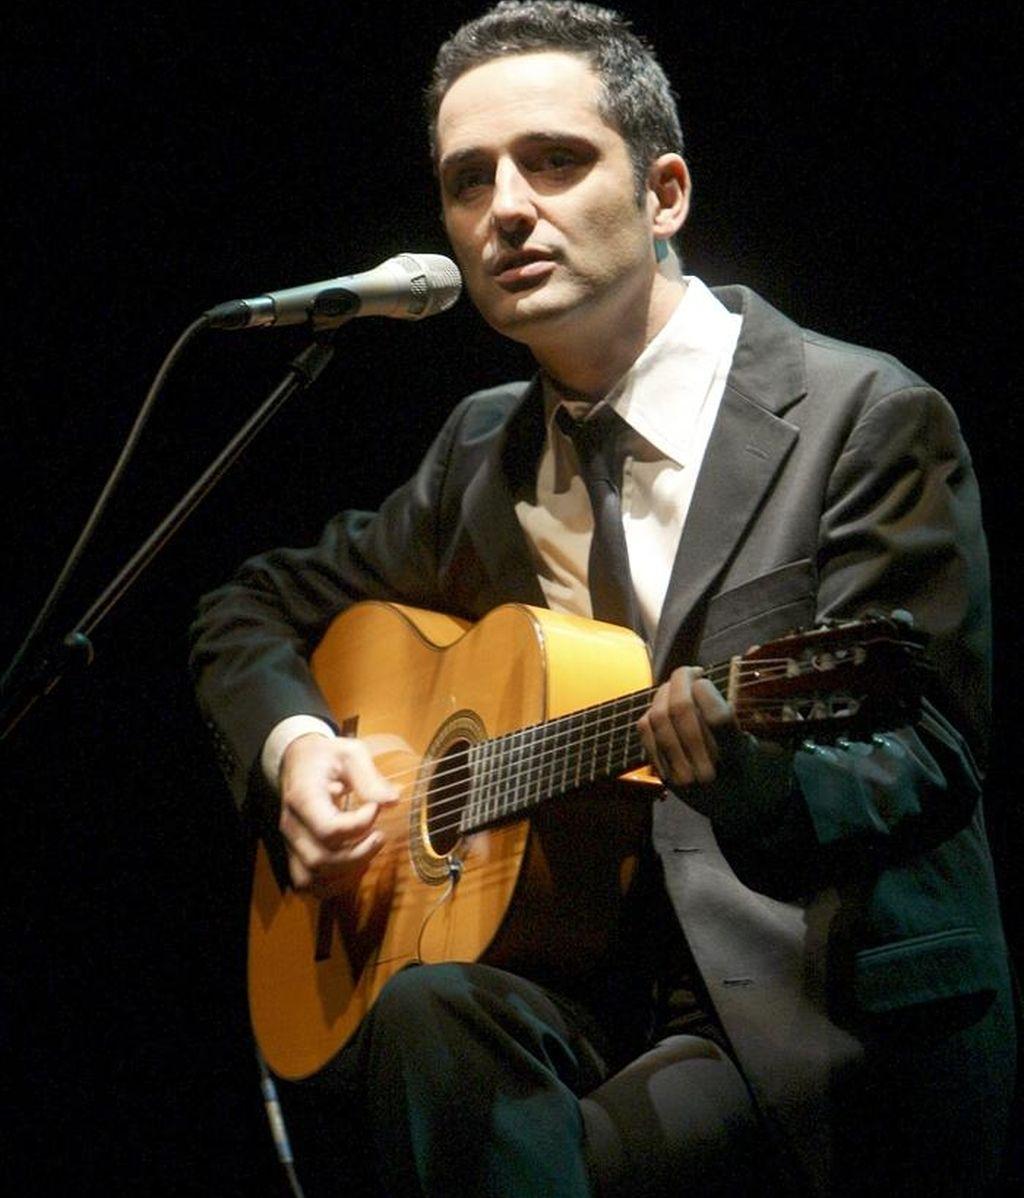 El cantautor uruguayo Jorge Drexler durante un concierto en el Teatro Albeniz de Madrid. EFE/Archivo